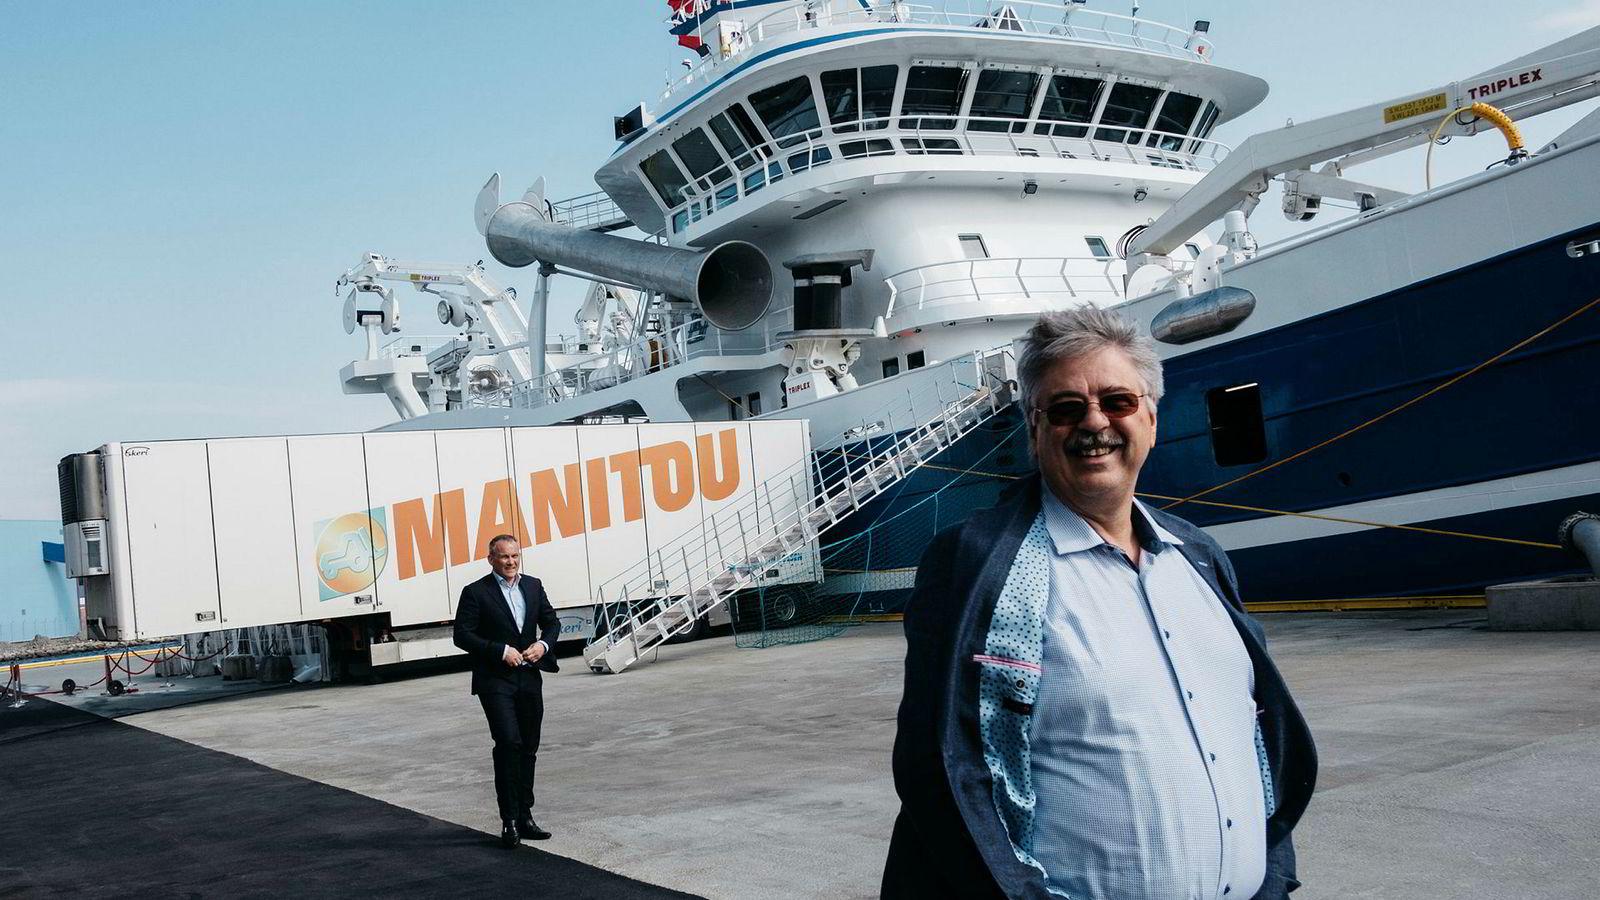 Teknologigründer Jakob Hatteland fra Nedre Vats har investert deler av sine gevinster i alt fra fiskeforedling her i Egersund til oljeleting i Nordsjøen. Det siste var ingen fulltreffer.